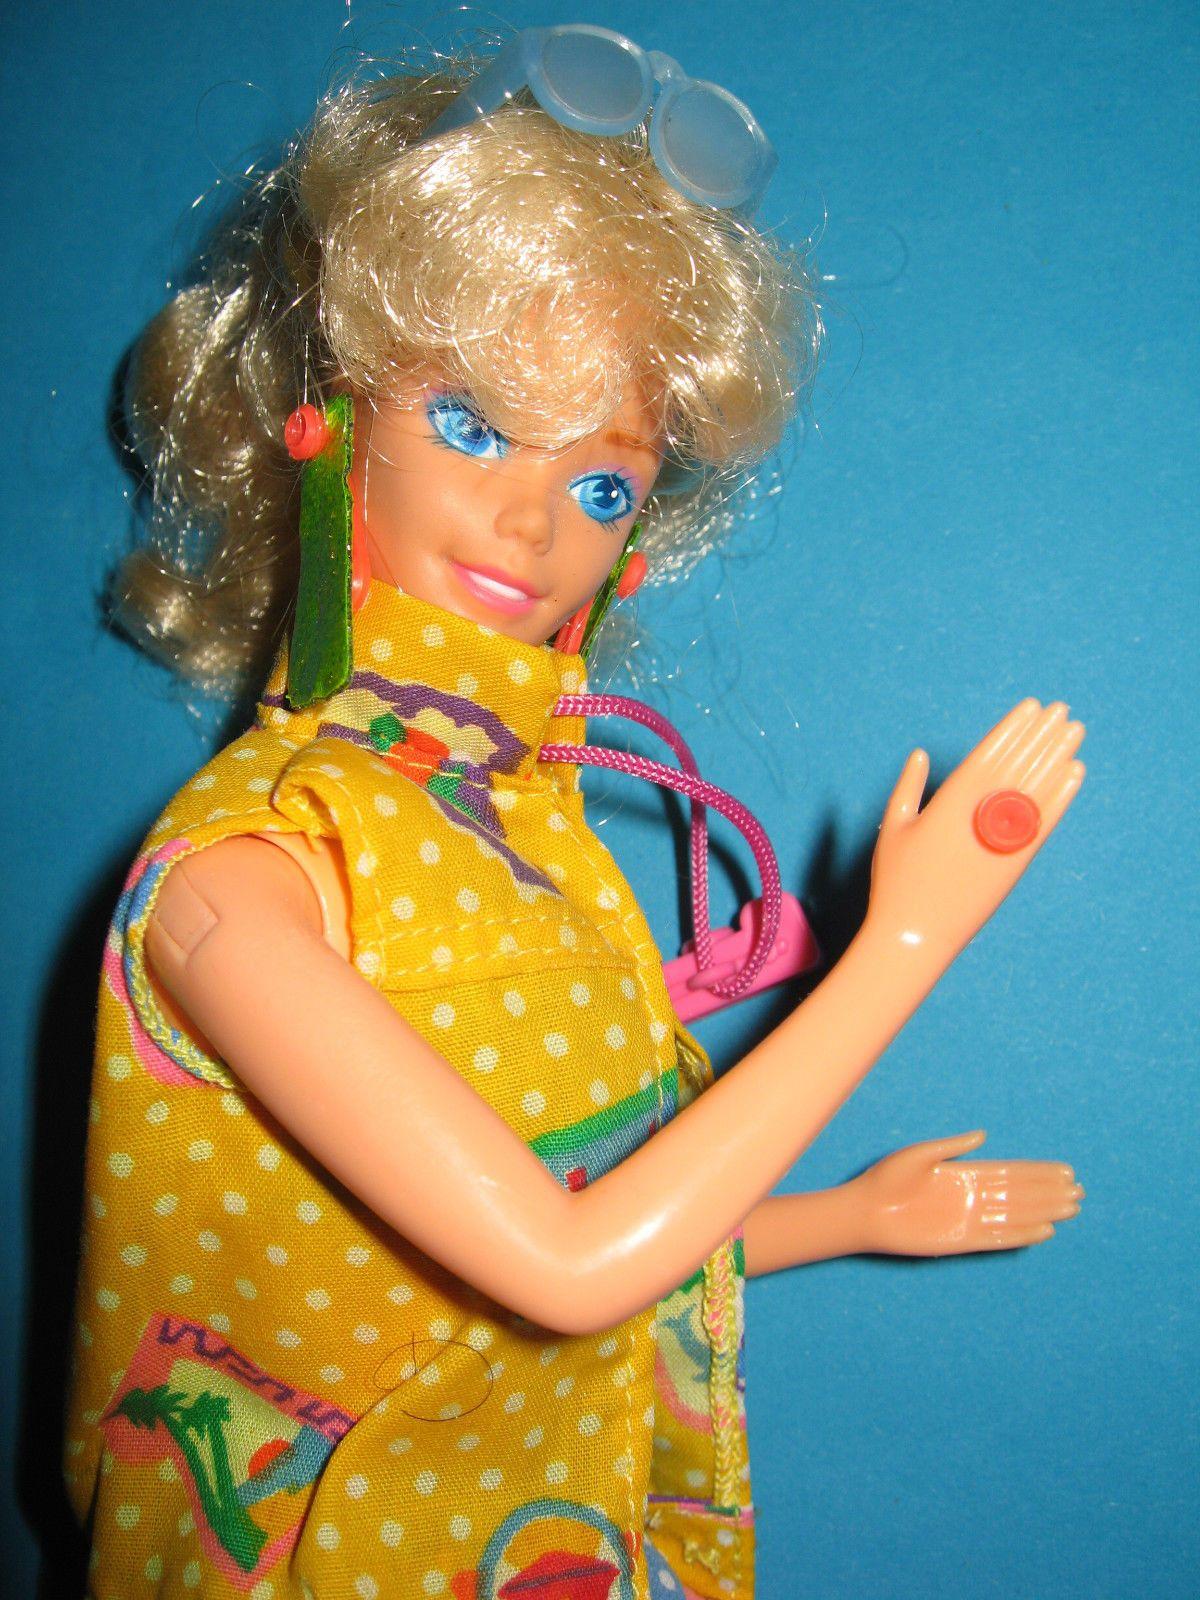 B395 Alte Vintage California Dream Barbie 4439 Mattel 1987